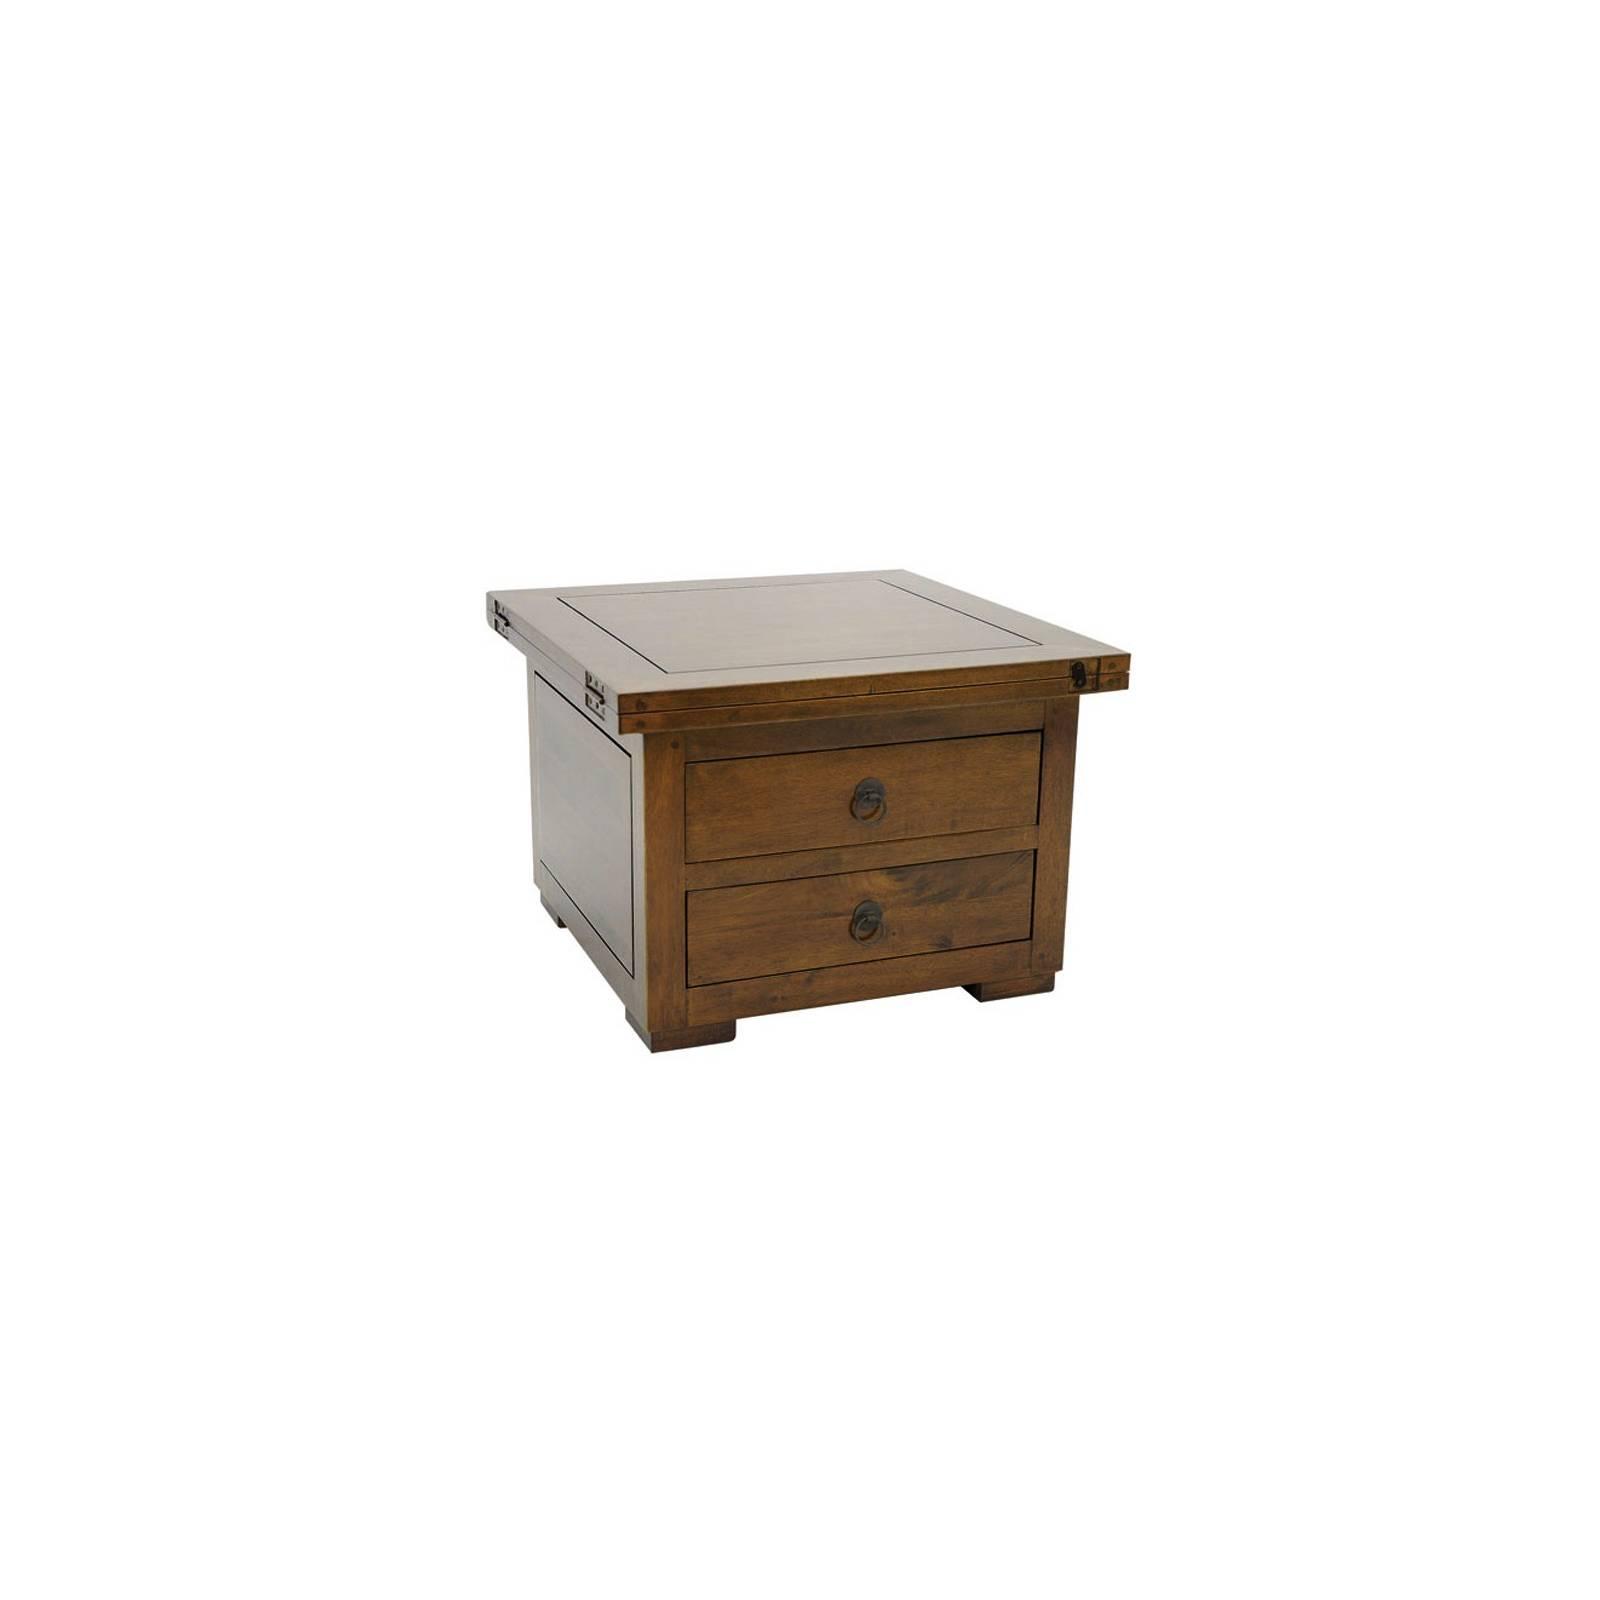 Table Basse Carrée PM Chine Hévéa - meuble bois exotique